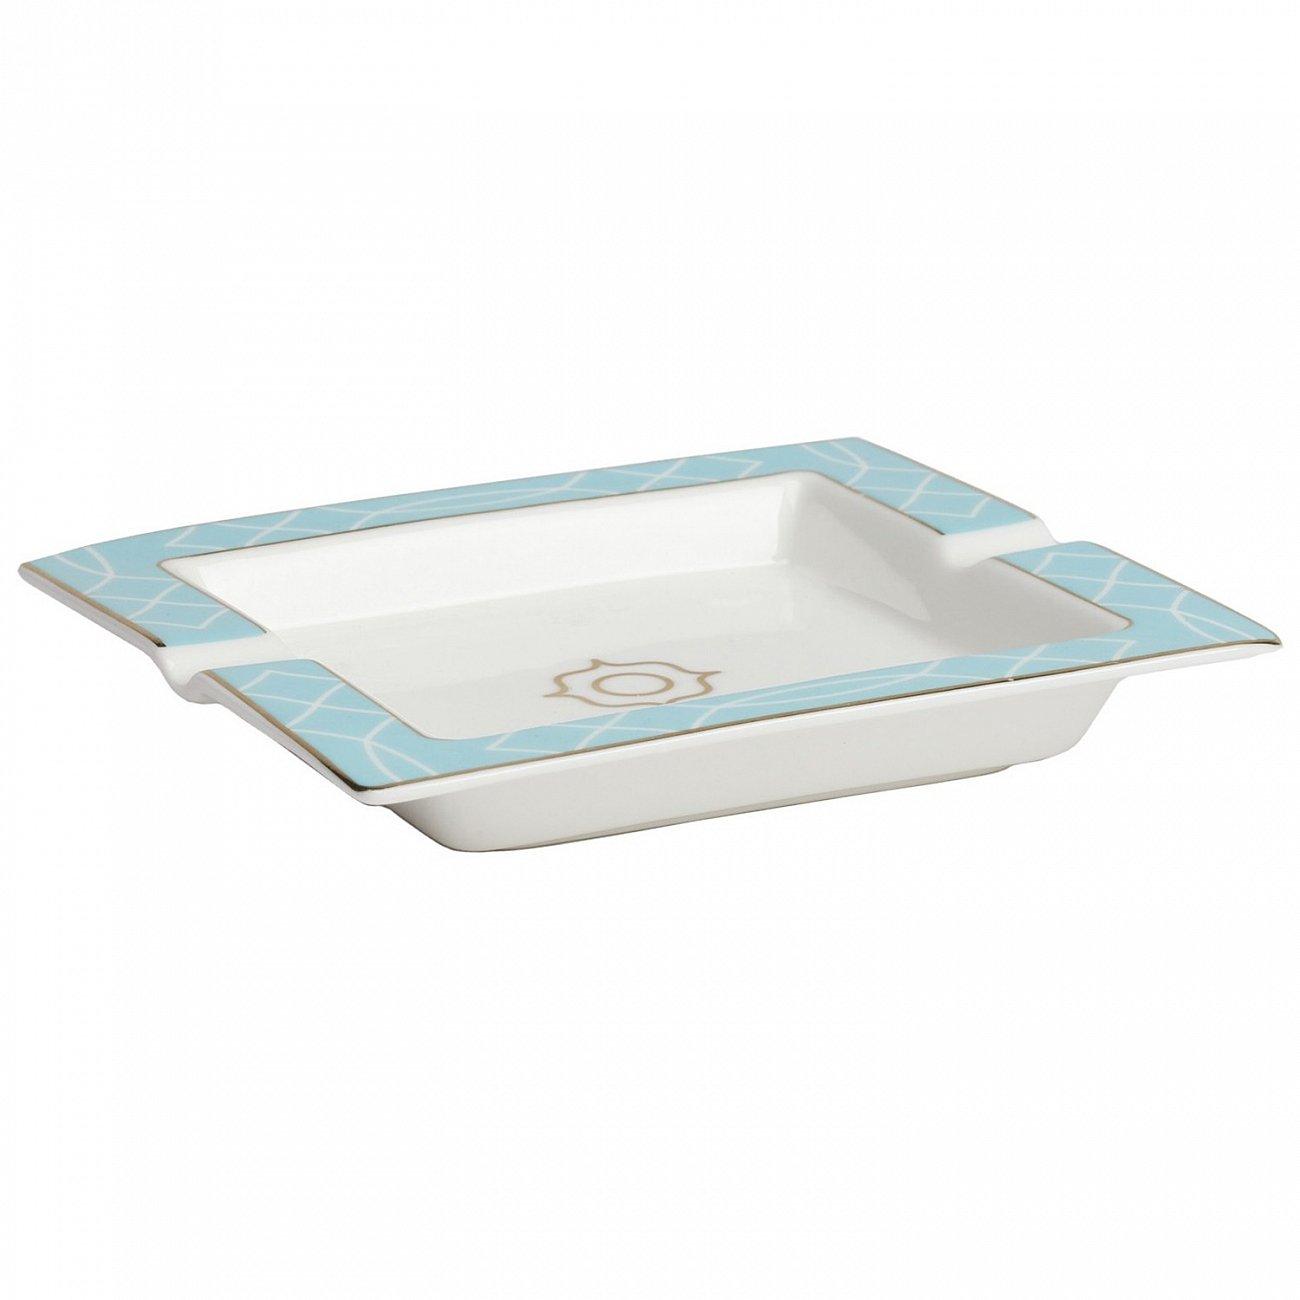 Купить Пепельница Turquoise Veil в интернет магазине дизайнерской мебели и аксессуаров для дома и дачи